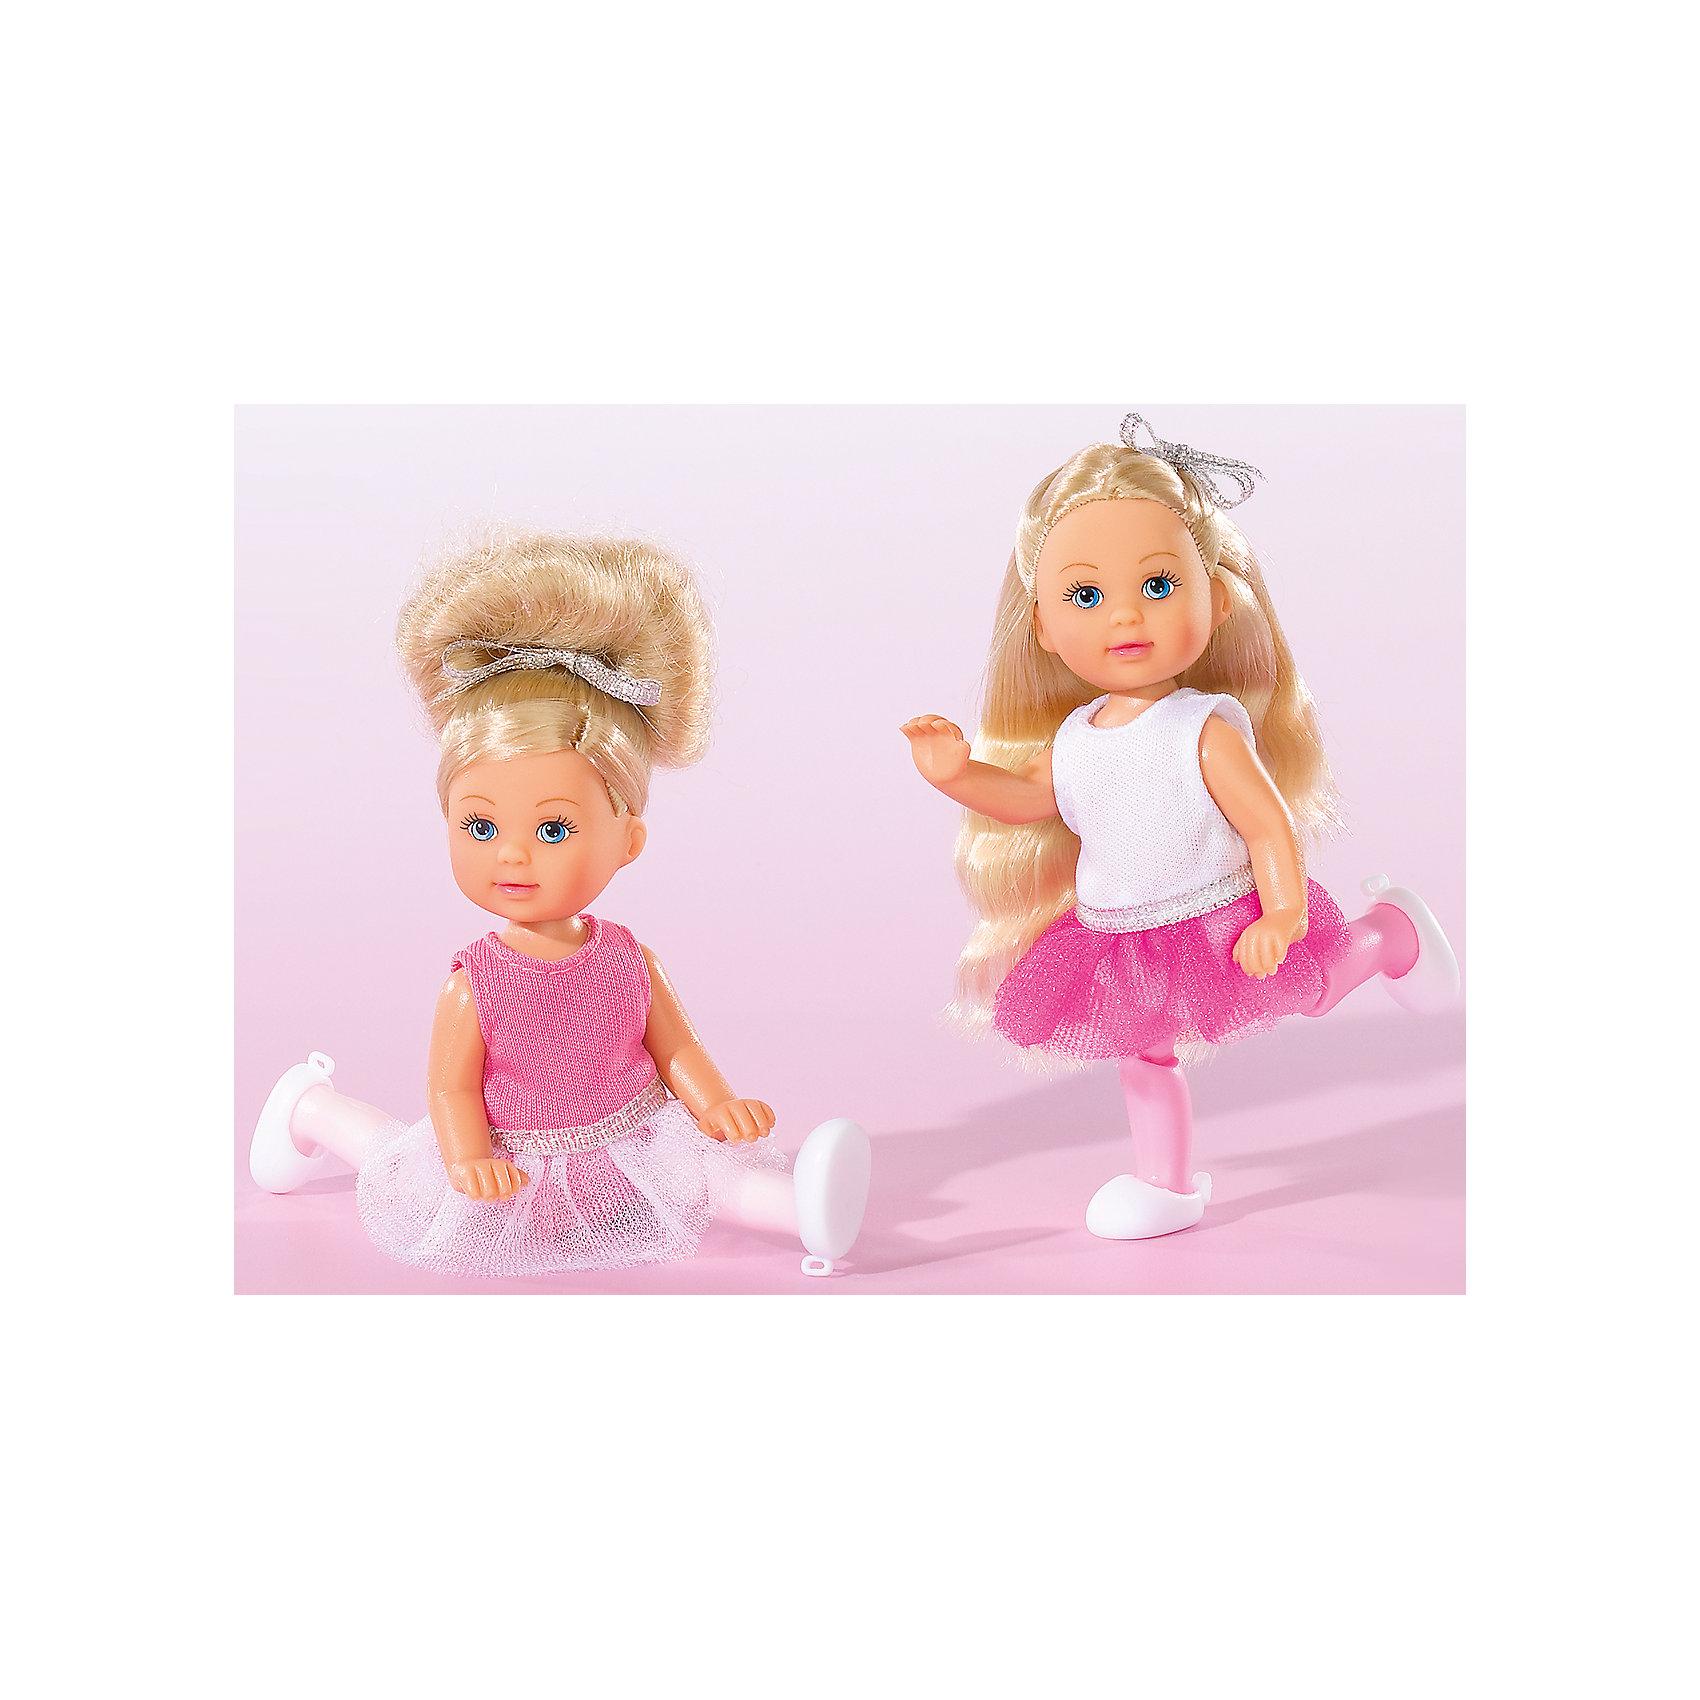 Кукла Еви-балерина, 12 см, SimbaSteffi и Evi Love<br>Характеристики товара:<br><br>- цвет: разноцветный;<br>- материал: пластик;<br>- возраст: от трех лет;<br>- комплектация: кукла, одежда;<br>- высота куклы: 12 см.<br><br>Эта симпатичная кукла Еви от известного бренда приводит детей в восторг! Какая девочка сможет отказаться поиграть с куклой, у которой есть шикарный наряд балерины?! У Еви двигаются руки и ноги. Игрушка очень качественно выполнена, поэтому она станет замечательным подарком ребенку. <br>Продается набор в красивой удобной упаковке. Изделие произведено из высококачественного материала, безопасного для детей.<br><br>Куклу Еви-балерина, 12 см, от бренда Simba можно купить в нашем интернет-магазине.<br><br>Ширина мм: 40<br>Глубина мм: 180<br>Высота мм: 160<br>Вес г: 600<br>Возраст от месяцев: 36<br>Возраст до месяцев: 120<br>Пол: Женский<br>Возраст: Детский<br>SKU: 5119515